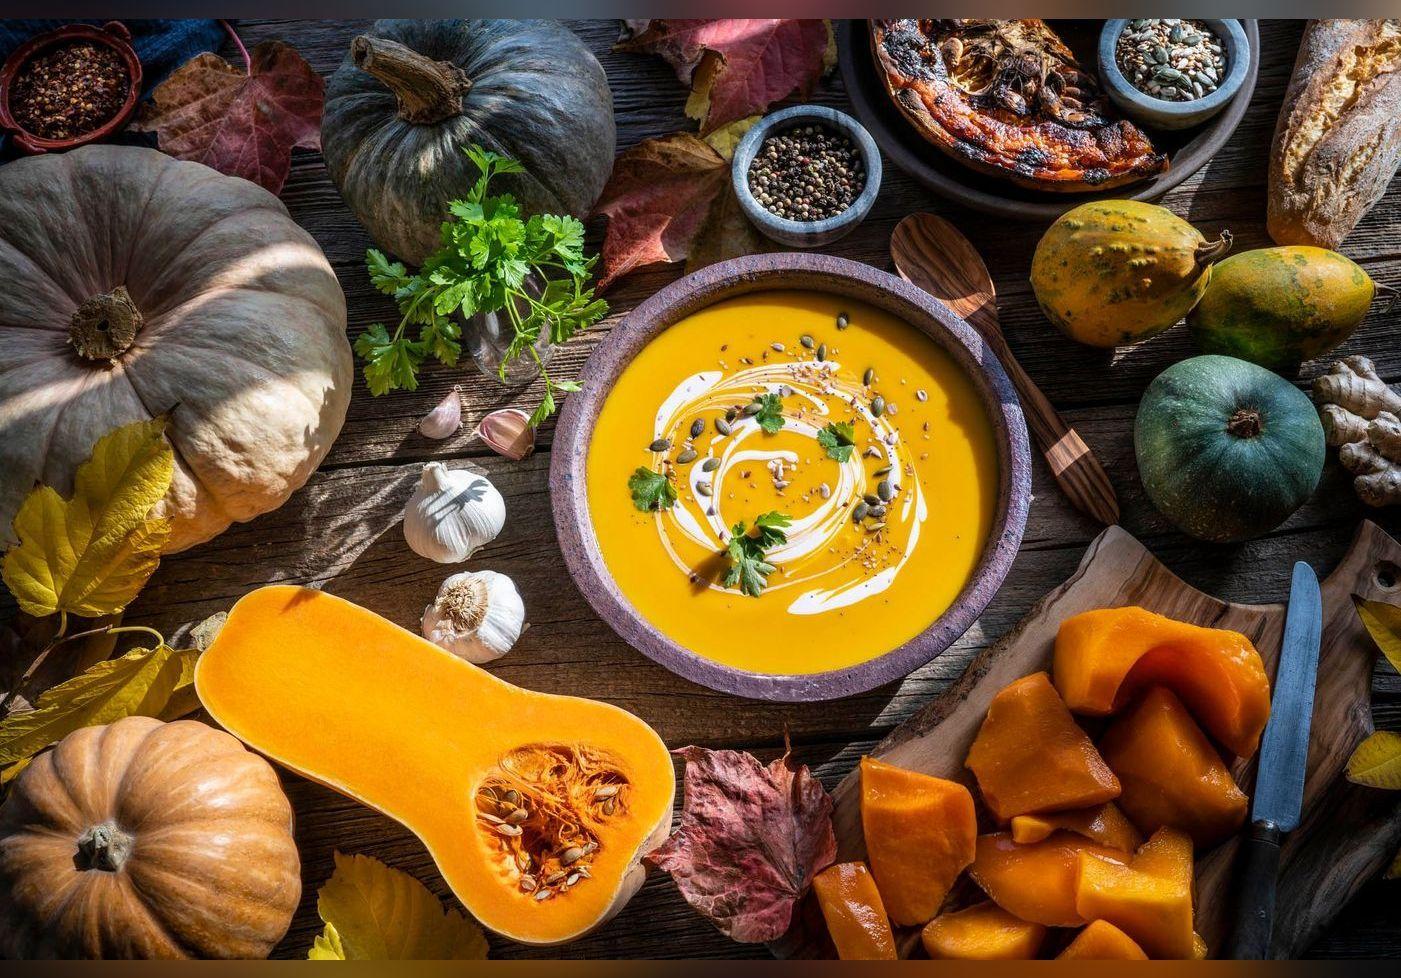 Juan Arbelaez nous régale avec sa soupe butternut et châtaignes. Une recette réconfortante pour surmonter l'automne